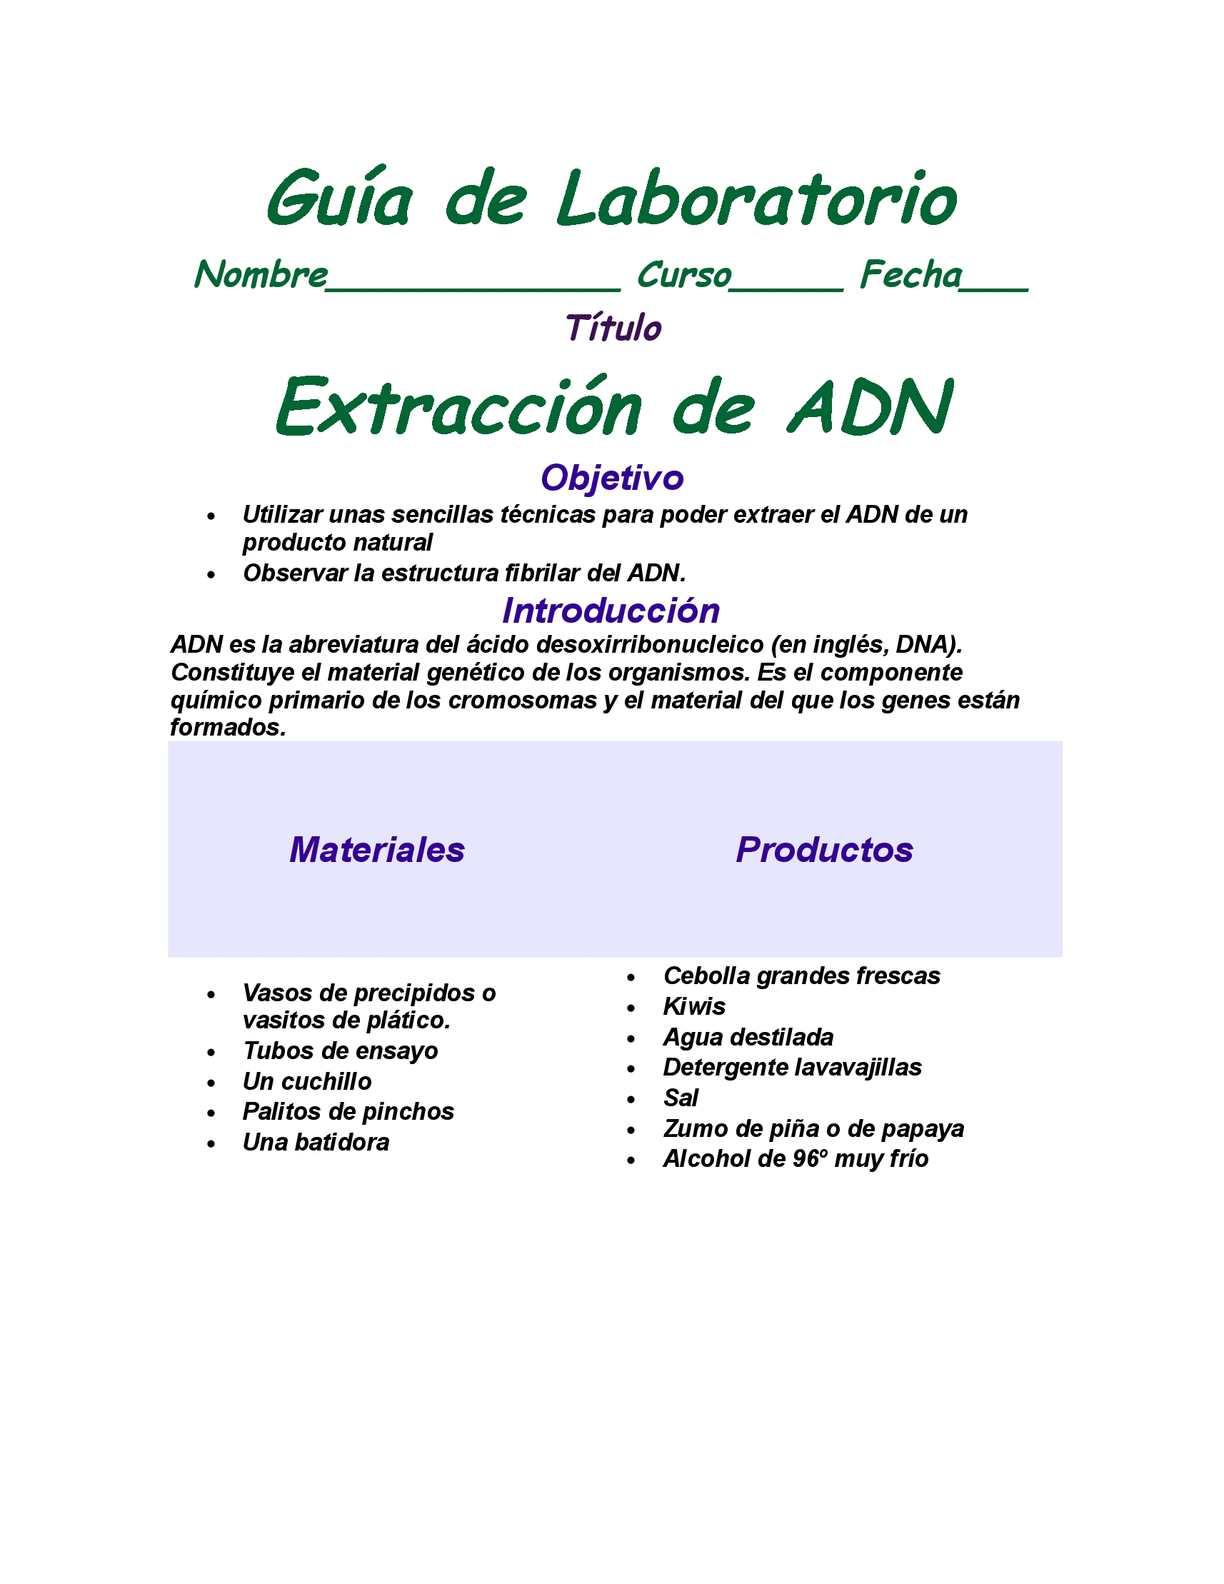 Calaméo Guía De Laboratorio Extracción De Adn Once Noveno